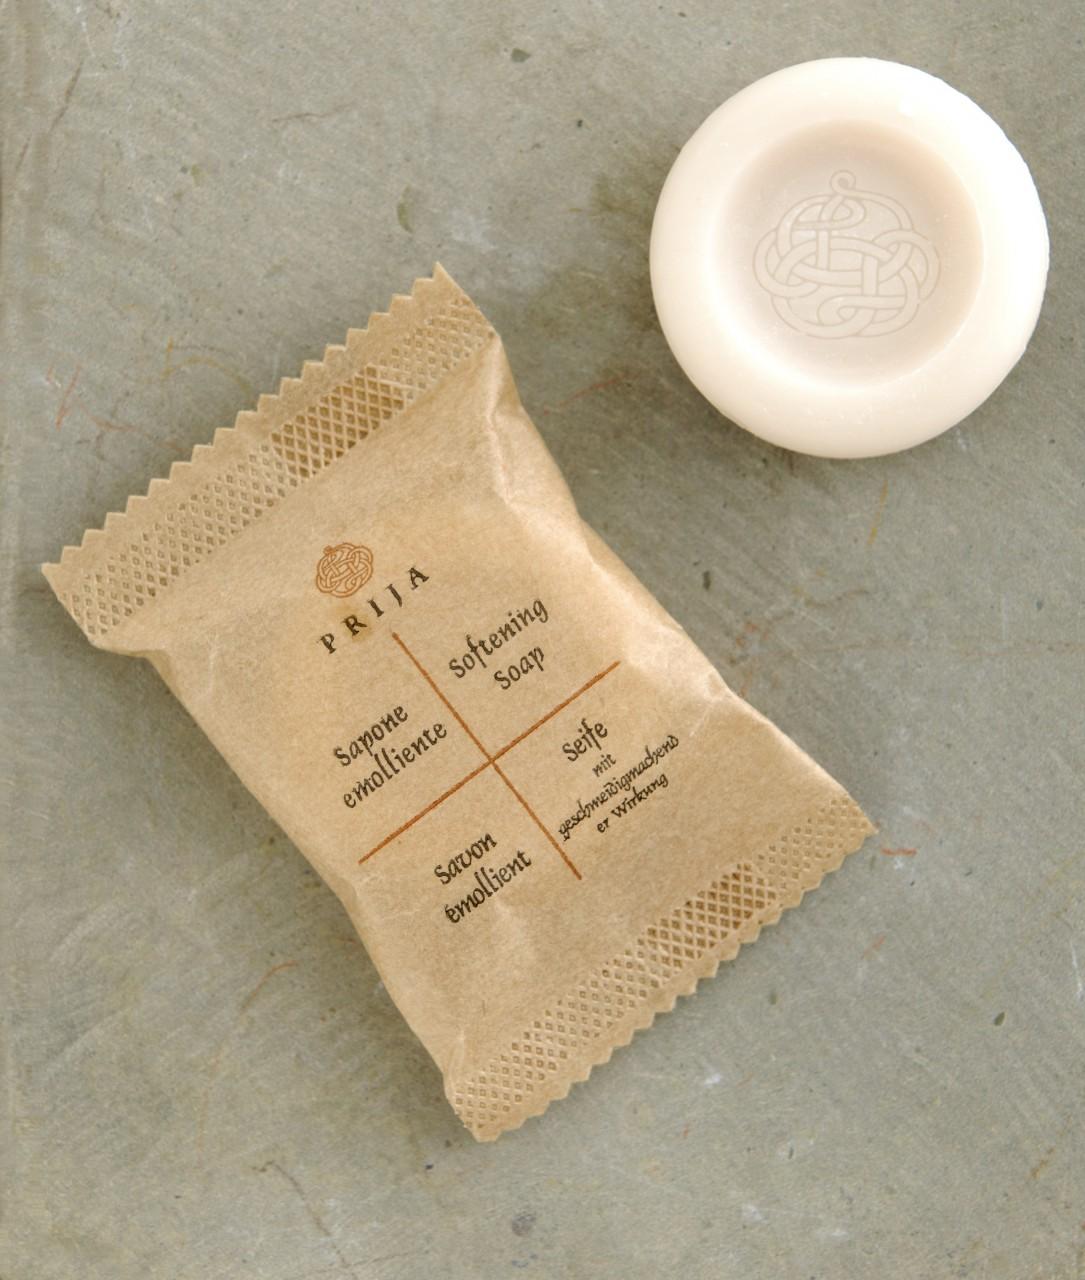 Runde Seife 15g im Papierflowpack mit geschmeidigmachender Wirkung